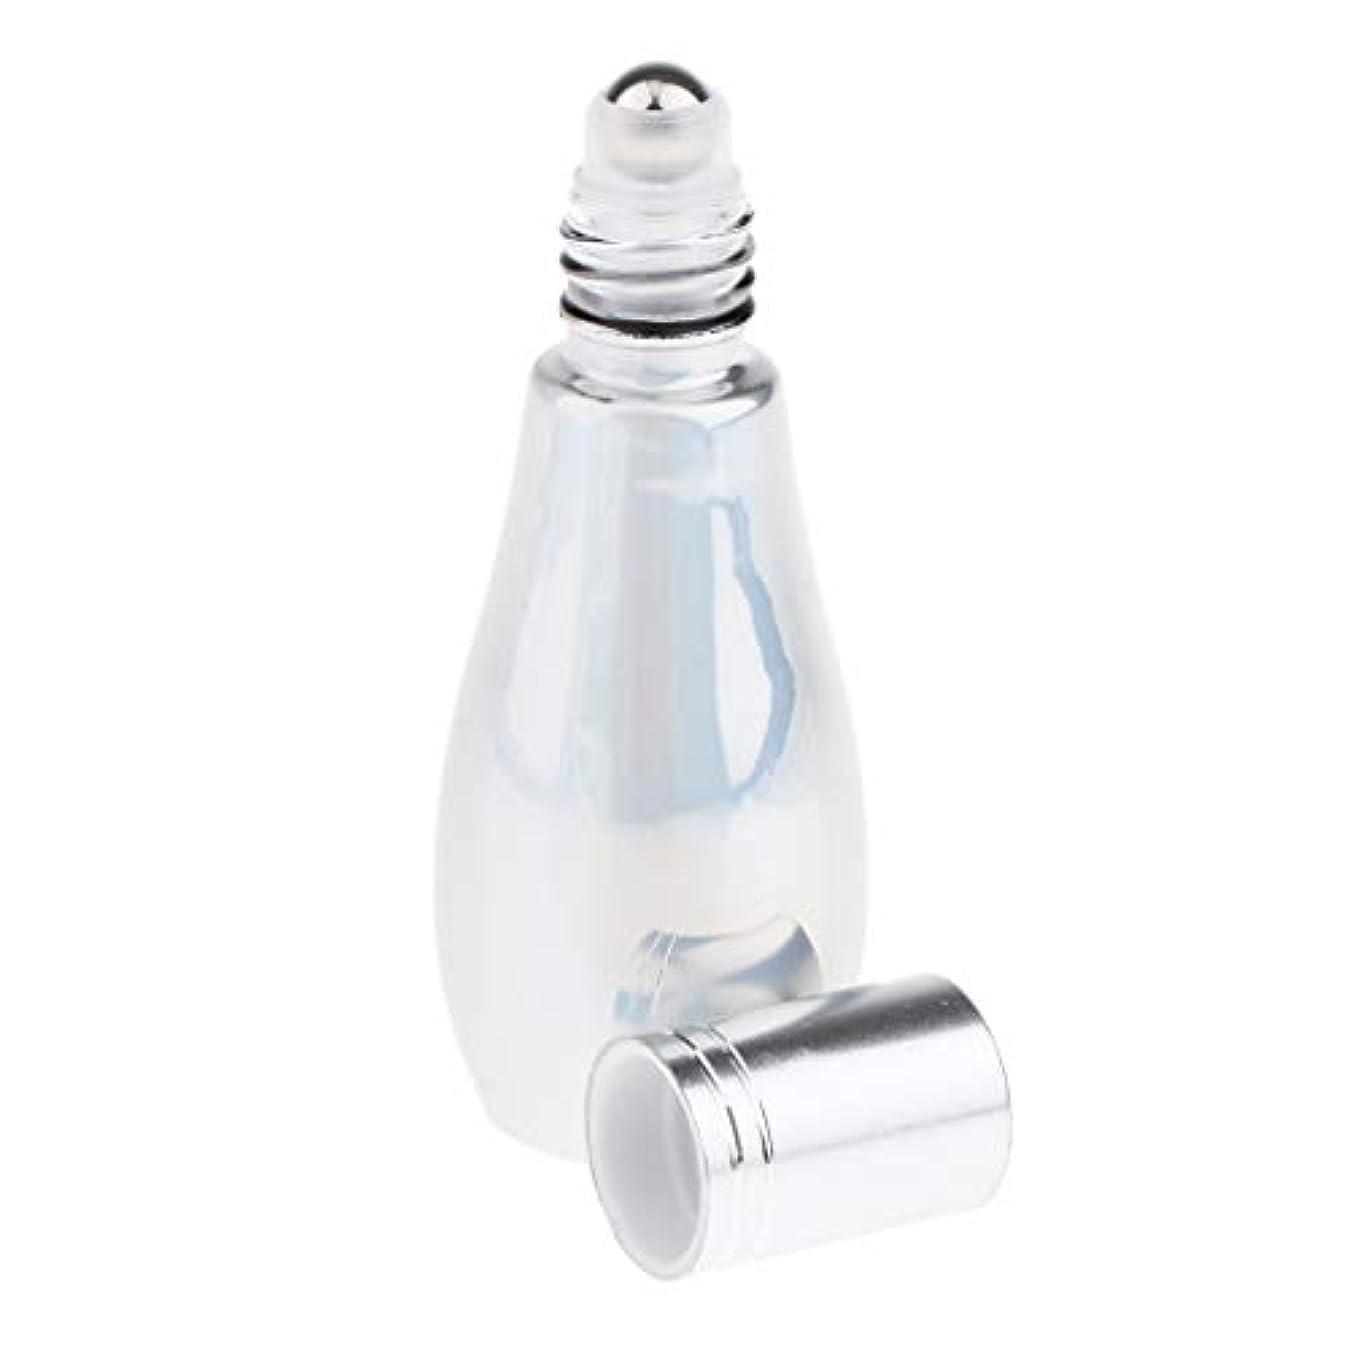 待って可能司書DYNWAVE ローラーボール 香水 再使用可能な ガラス 小分けボトル エッセンシャルオイル容器 全2タイプ - ローラー